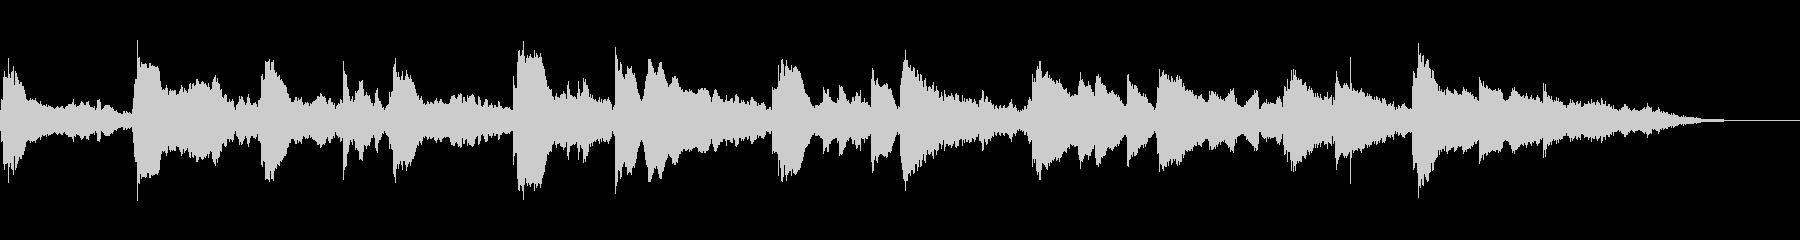 美しく透明感のあるピアノ曲の未再生の波形